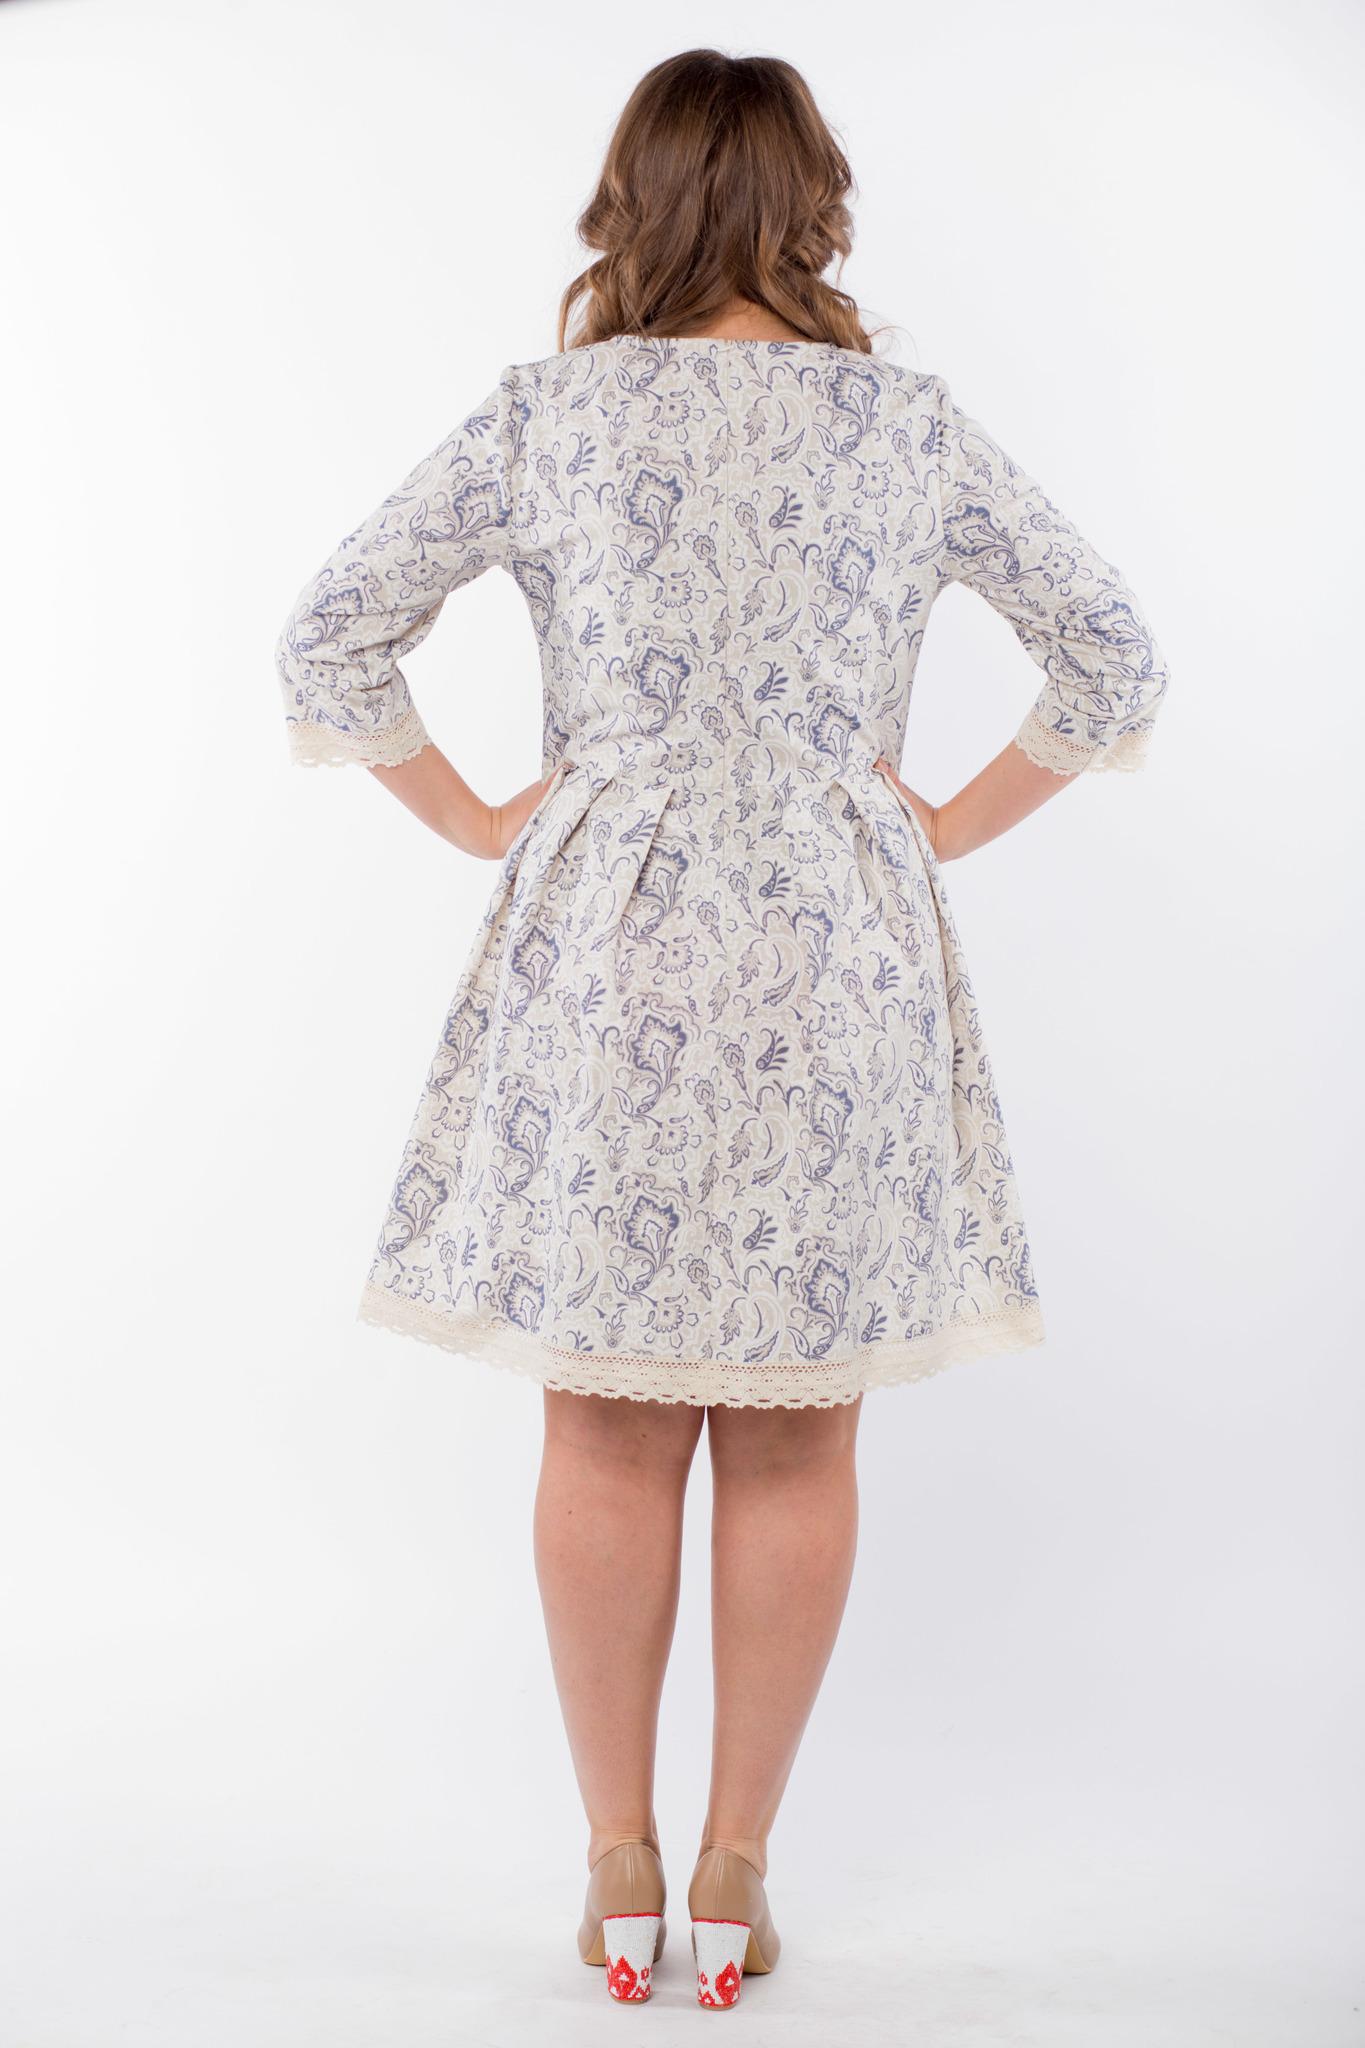 Платье льняное Первоцвет 50 размер вид сзади